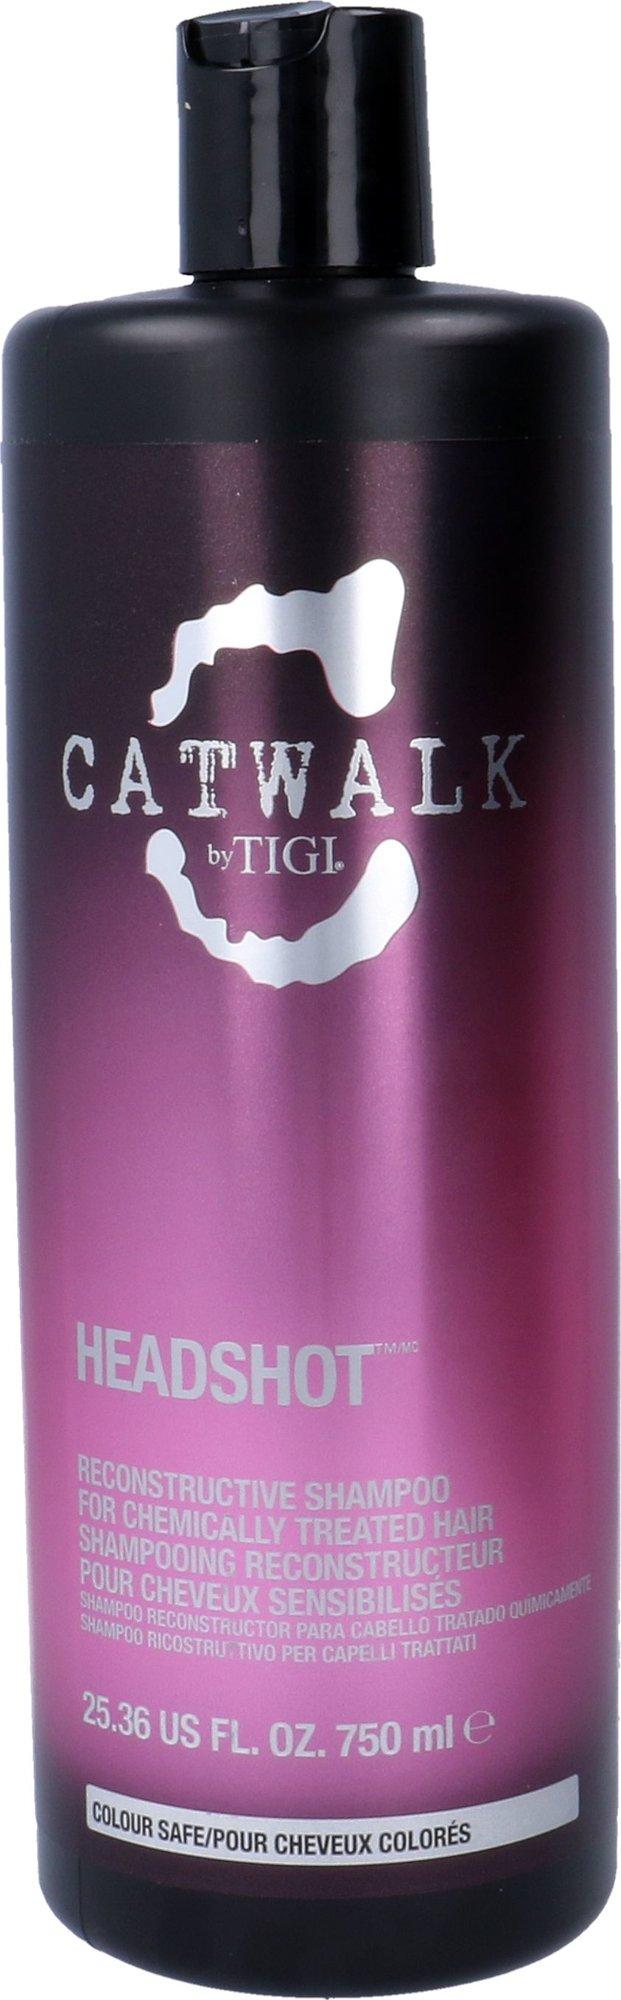 Tigi Catwalk Headshot Cosmetic 750ml